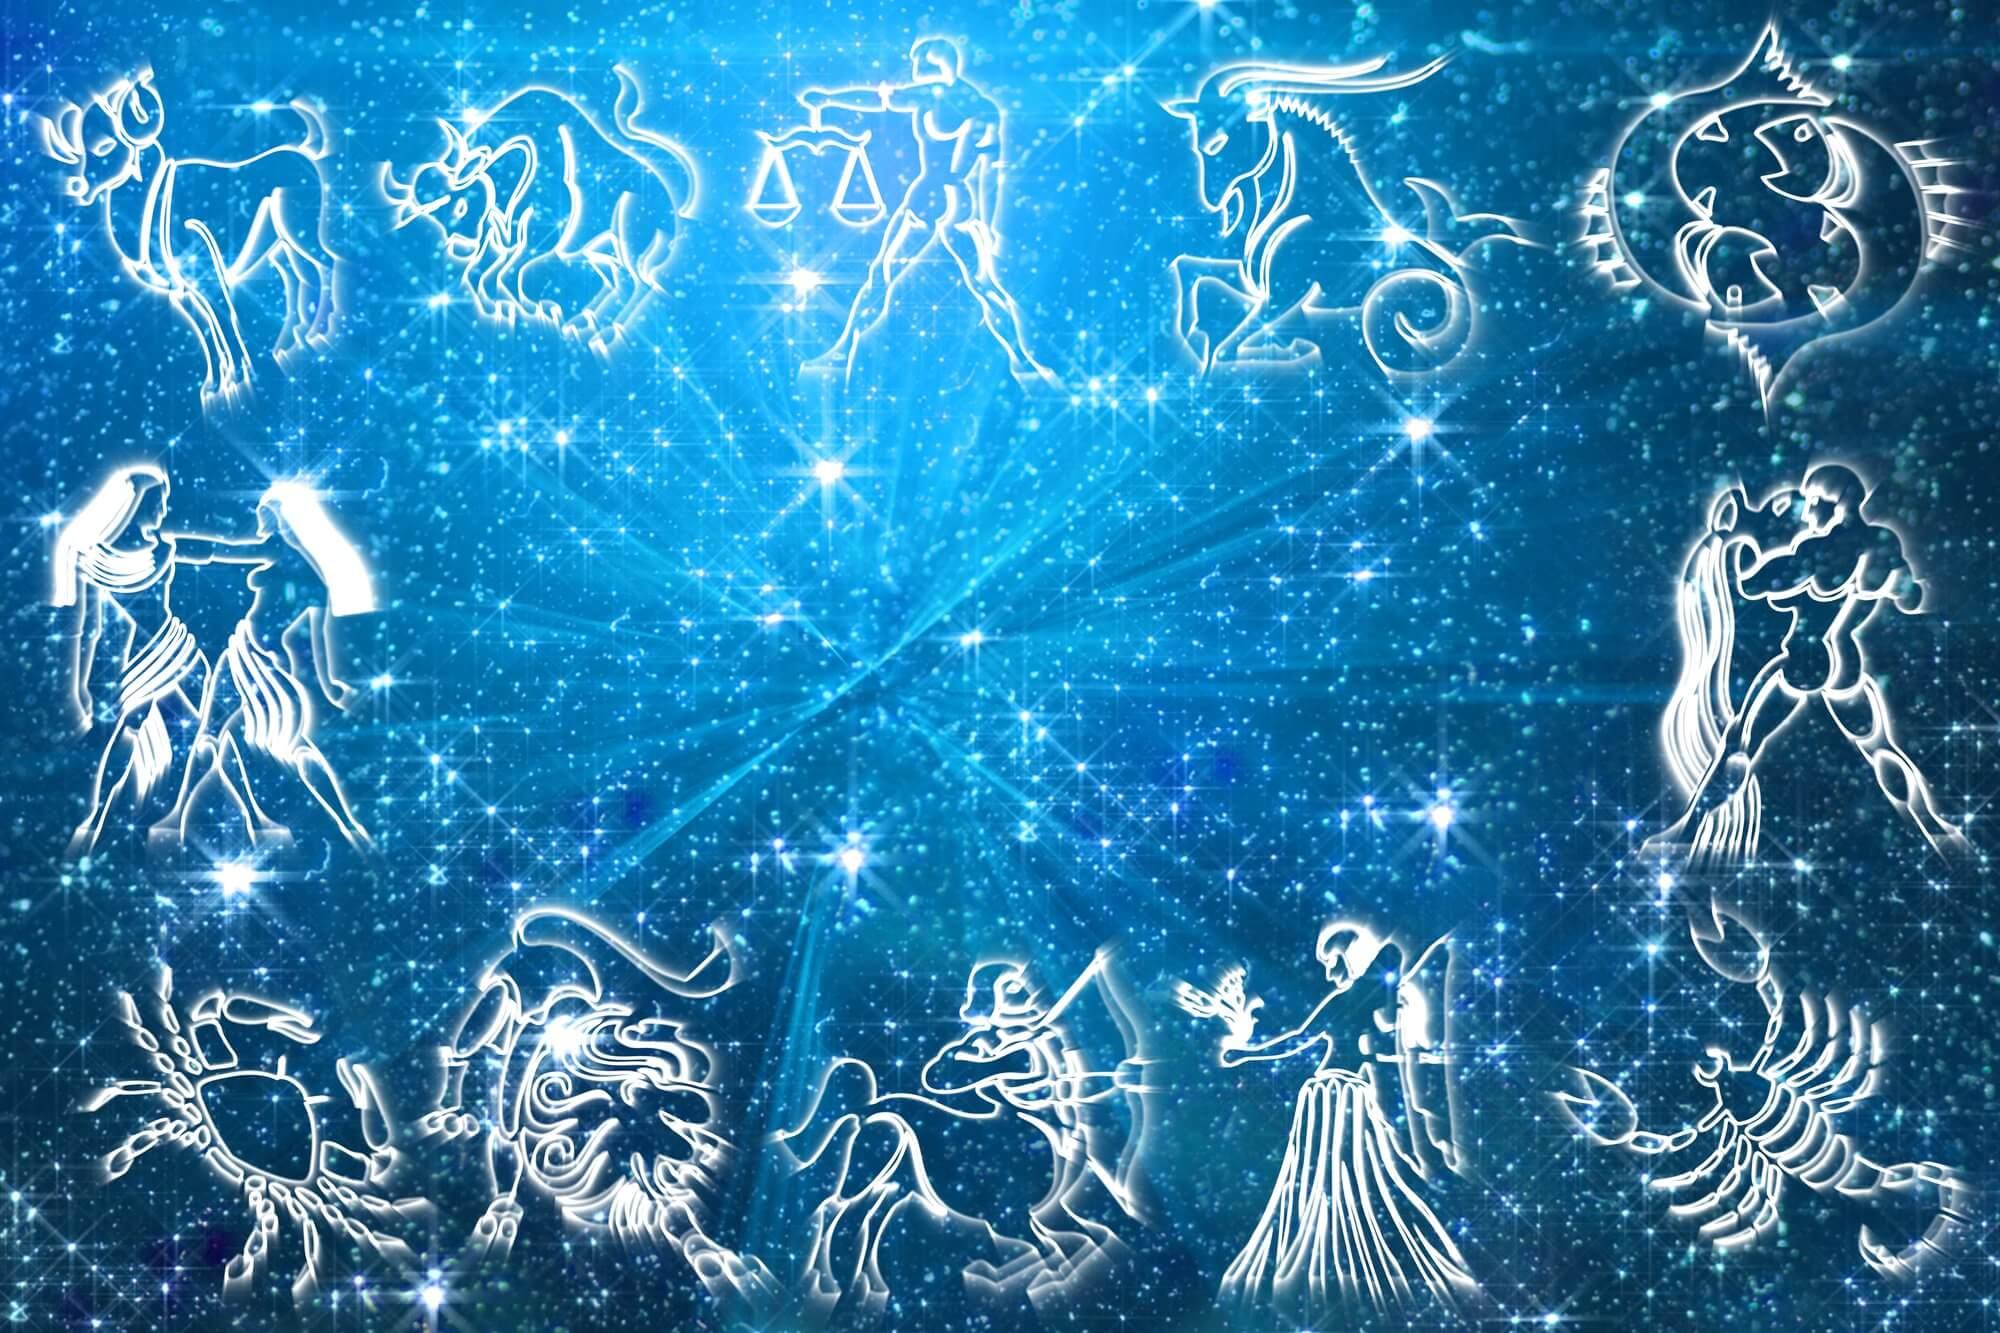 Names of Zodiac Signs in Sanskrit